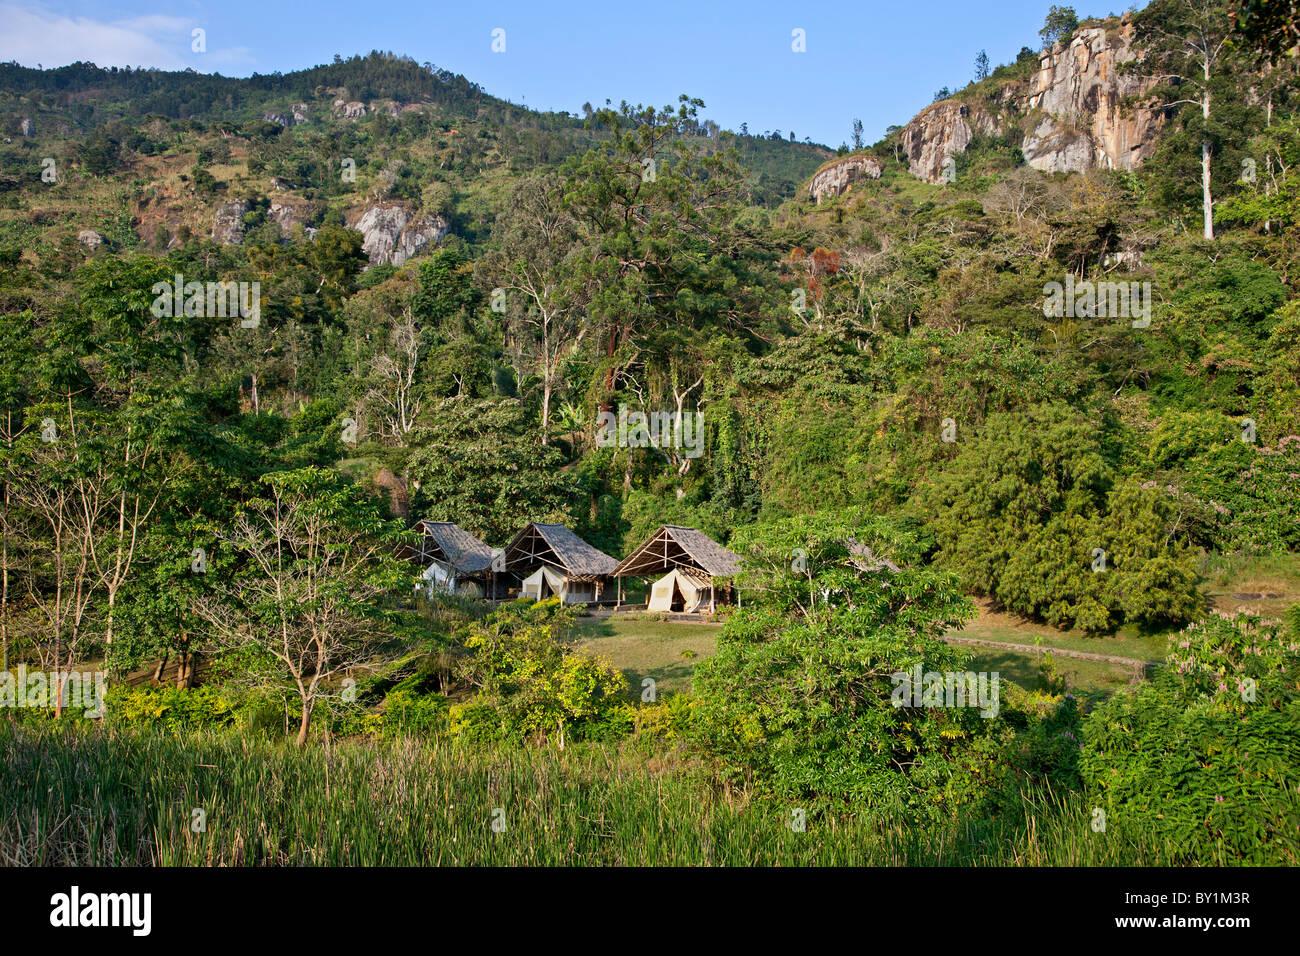 Tented Unterkunft auf einem Bauernhof in der Nähe von Soni im westlichen Bogen der Usambara Berge. Stockbild